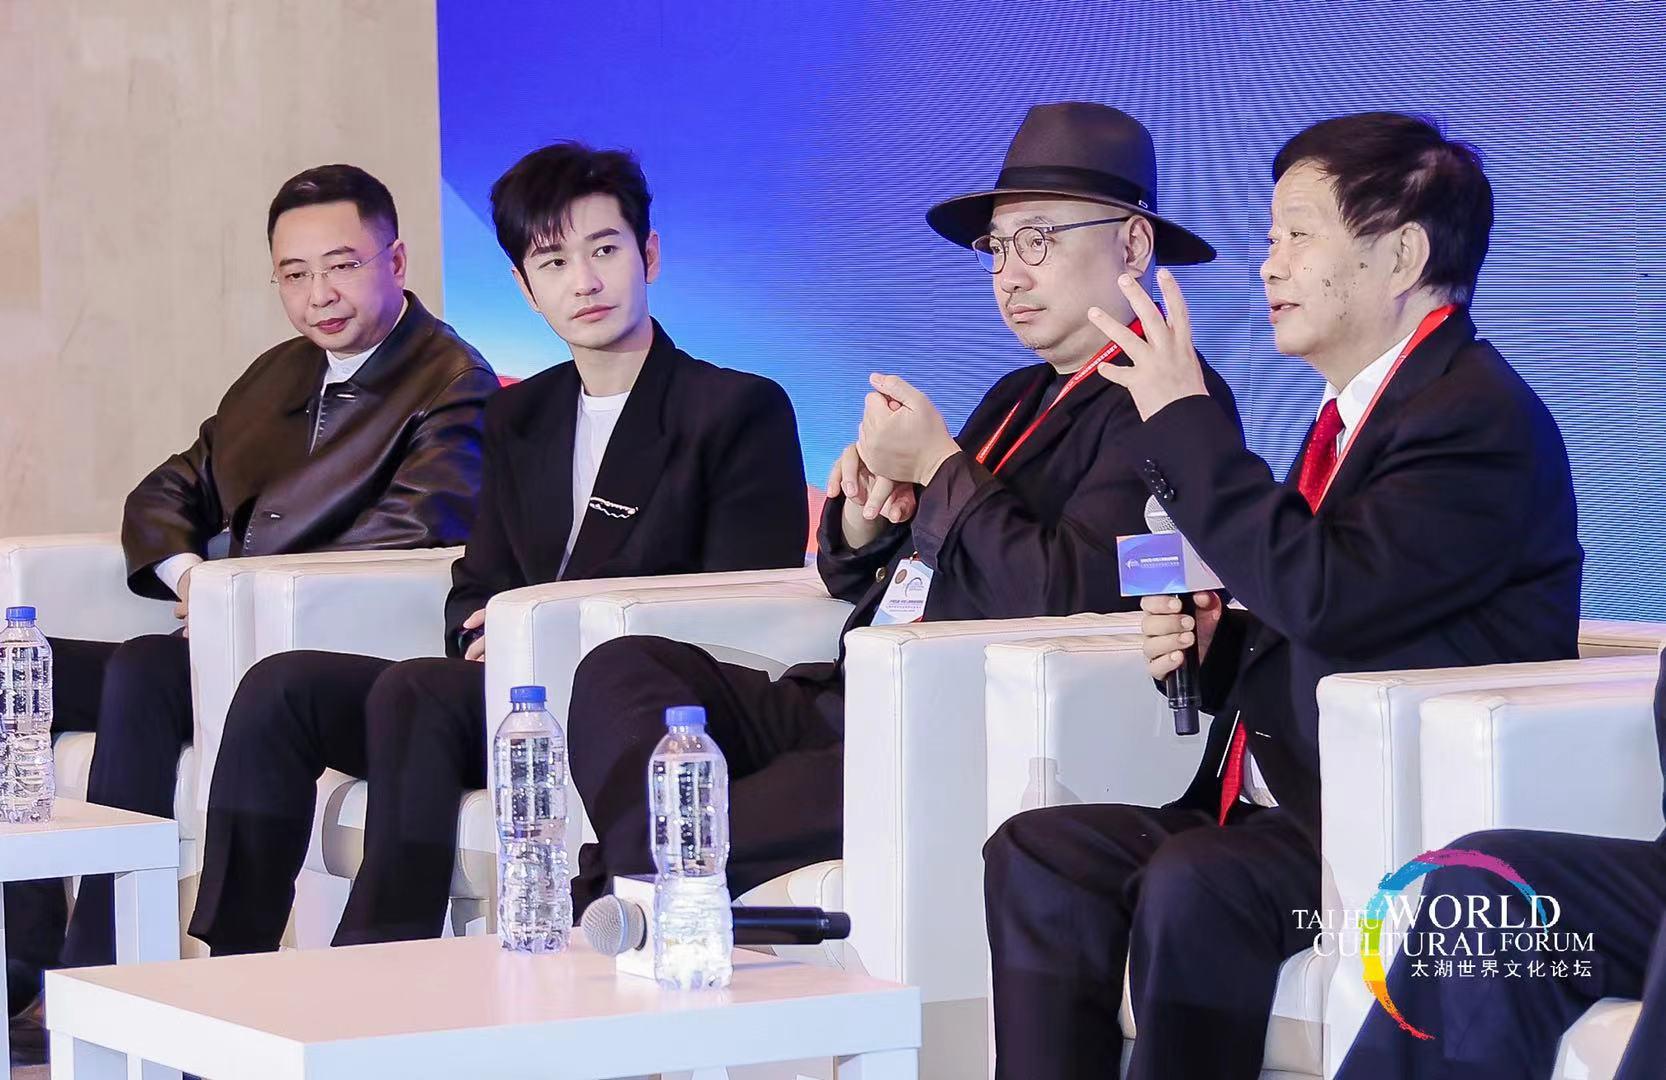 中国电影人齐聚龙子湖畔 共话传承与发展 构建人类命运共同体